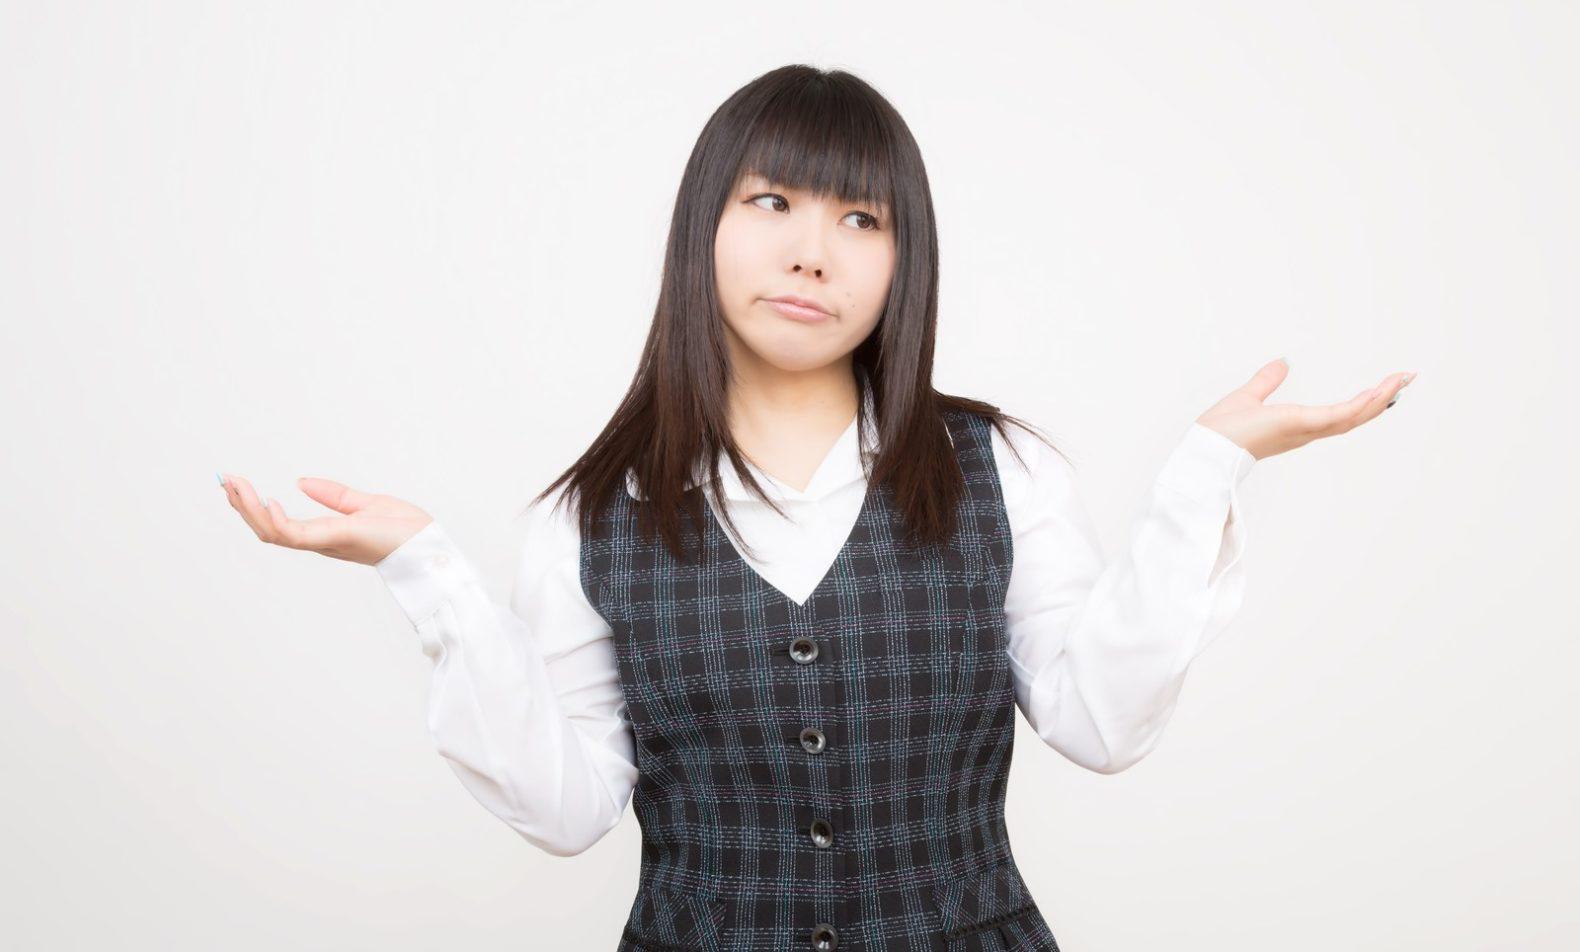 上野樹里の性格が悪いエピソード4つ!気難し過ぎて芸能界を干されていた?